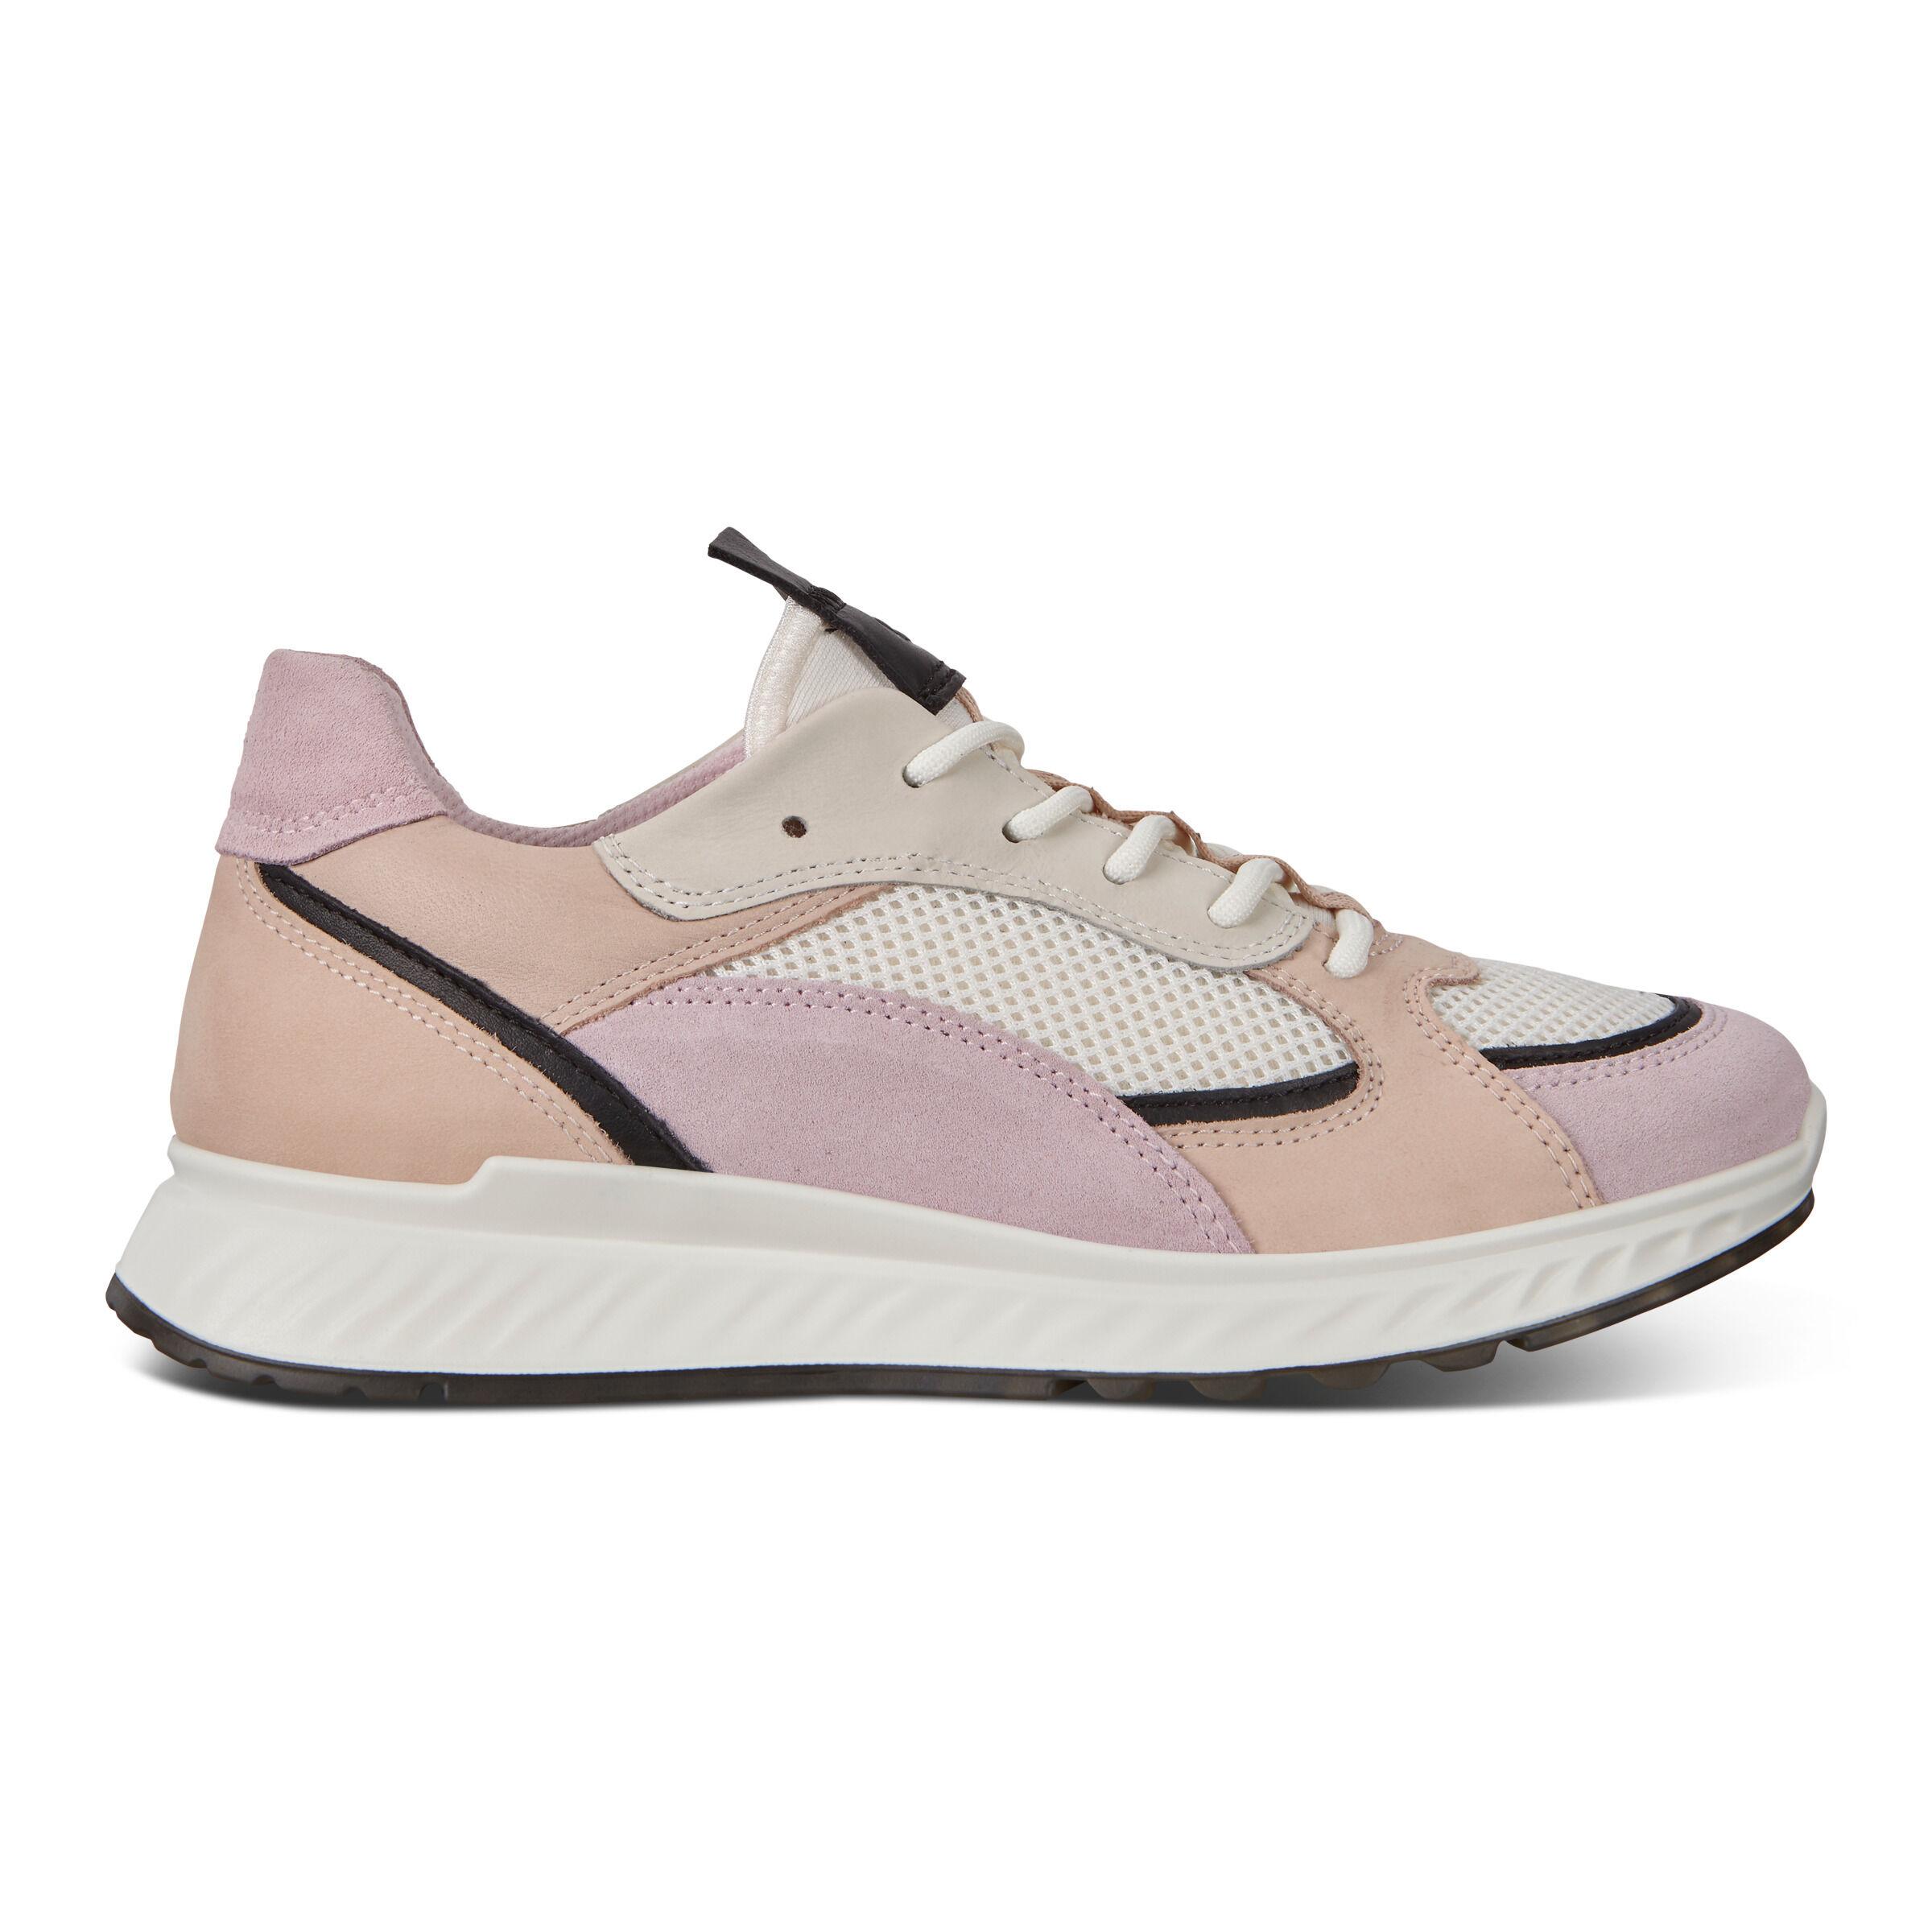 Women's ST.1 Sneakers | Women's